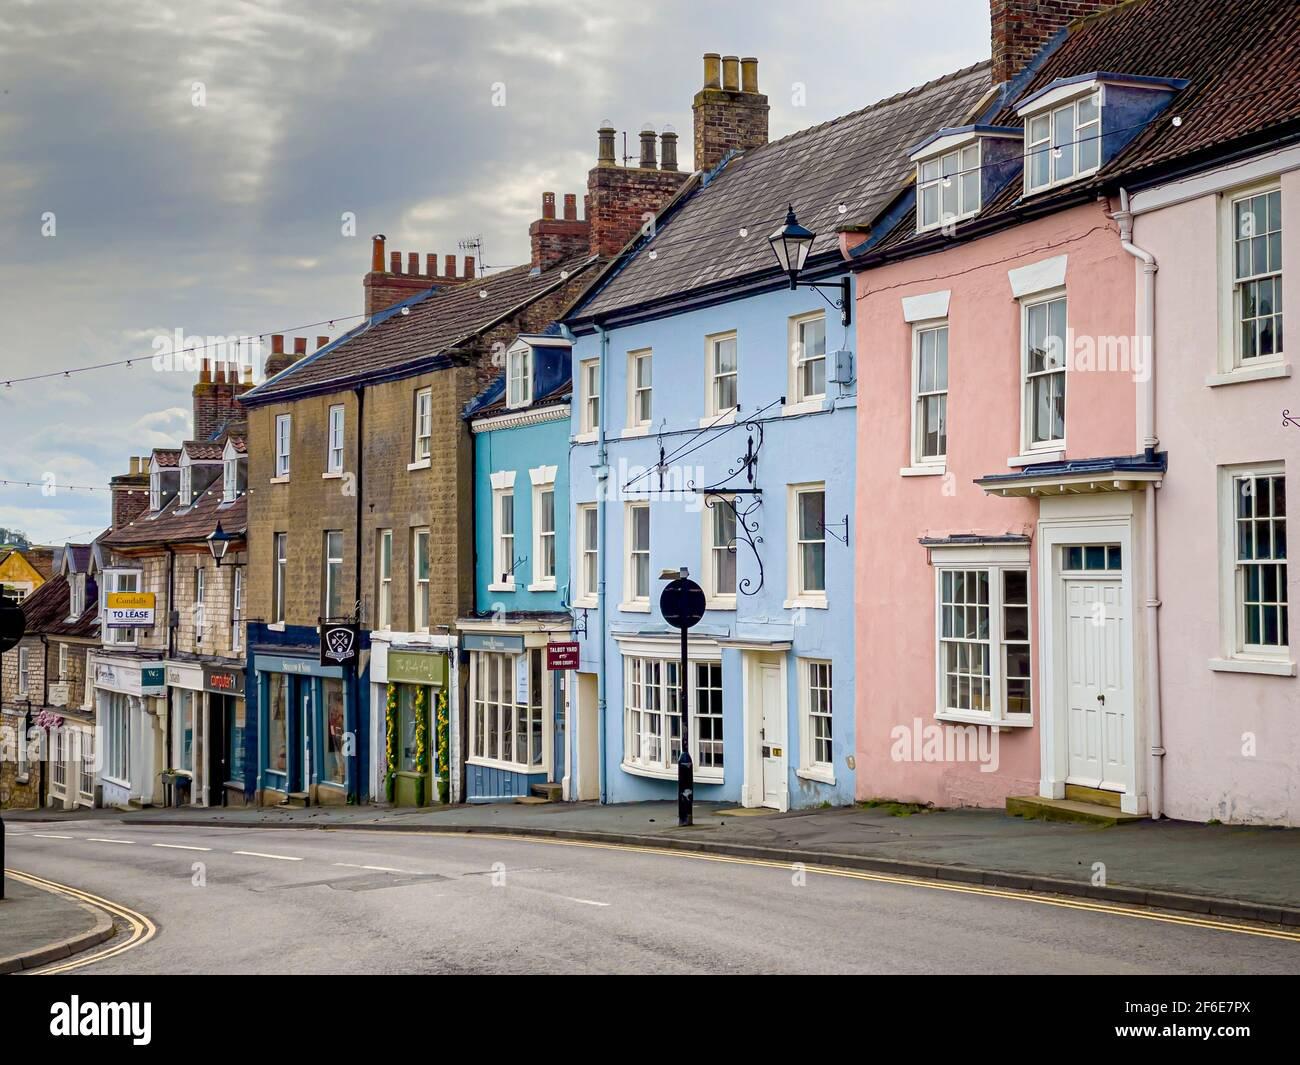 Edifici colorati di Market Street. Malton, North Yorkshire, Regno Unito. Foto Stock